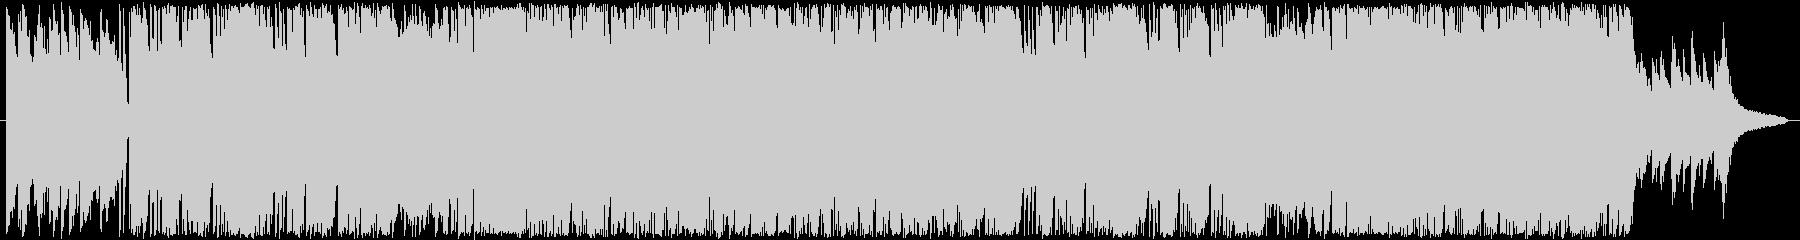 コンパクトで綺麗なピアノロックの未再生の波形